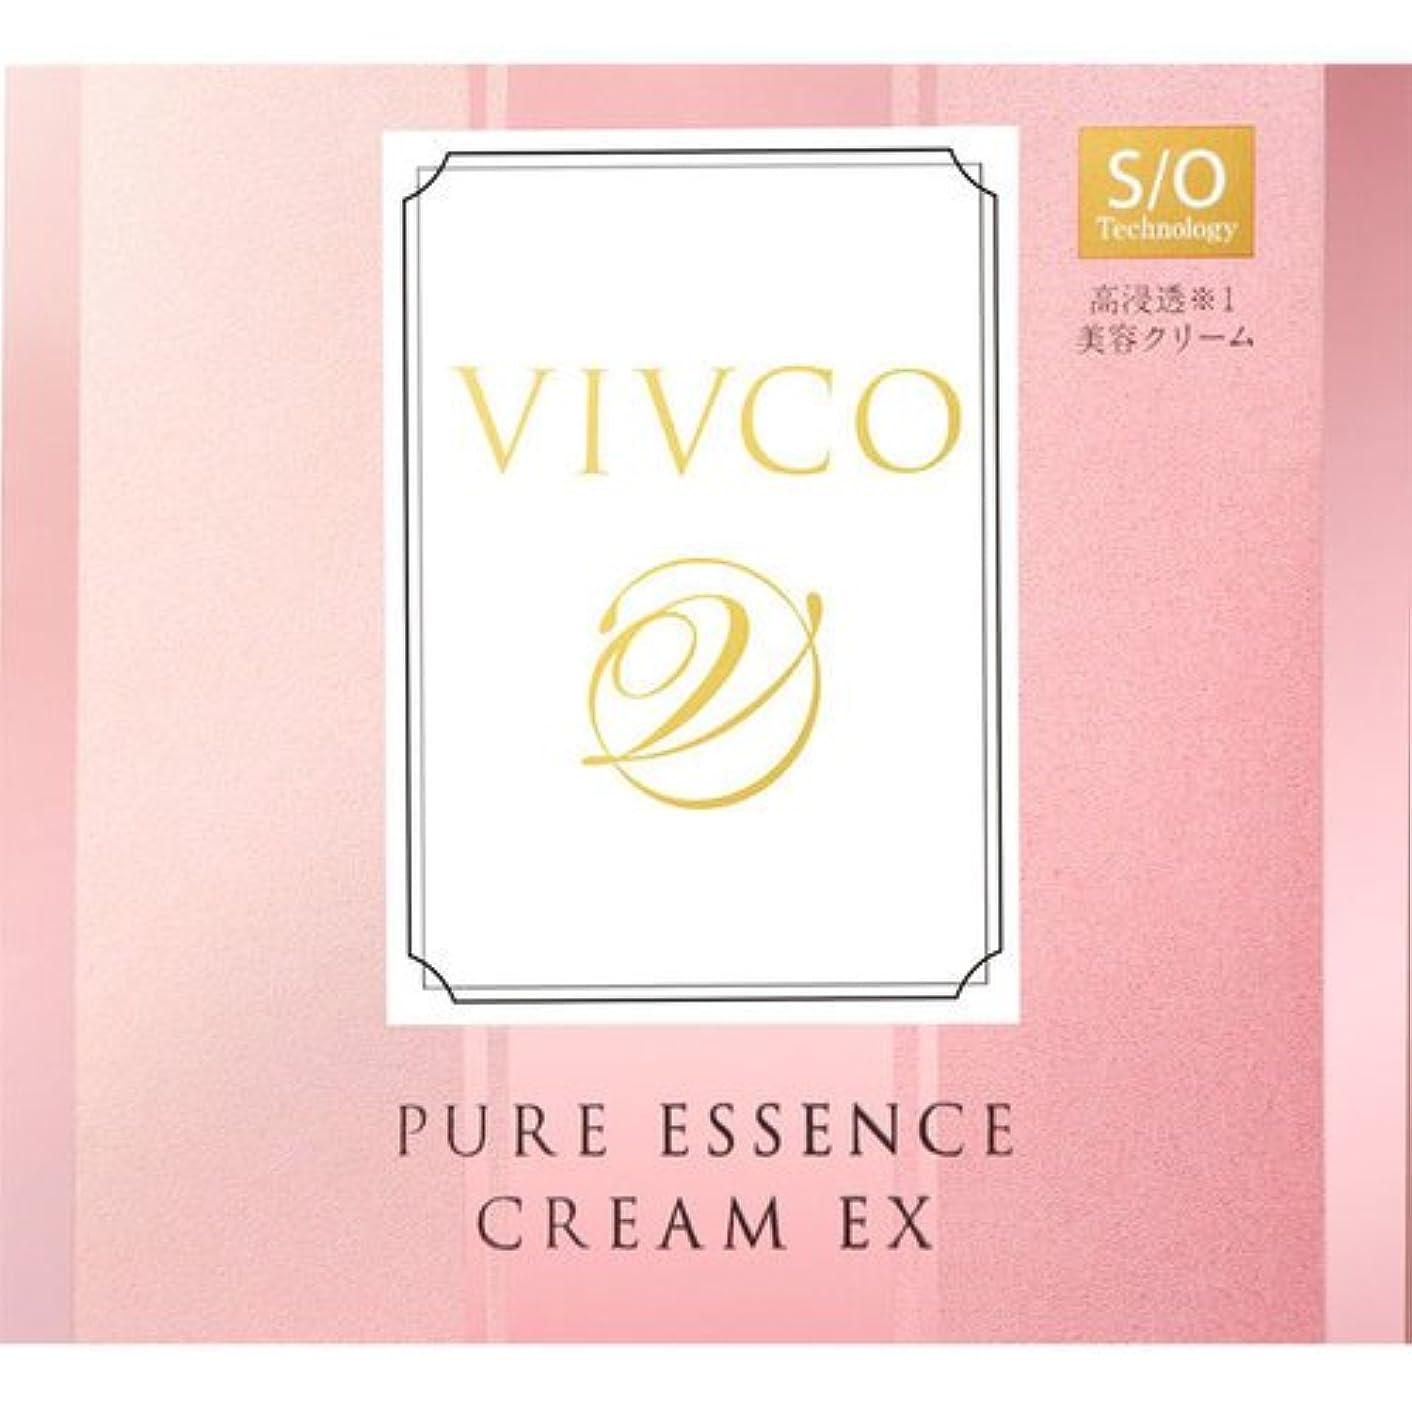 気体の読み書きのできない読み書きのできないVIVCO(ヴィヴコ) ピュアエッセンス クリームEX 60g